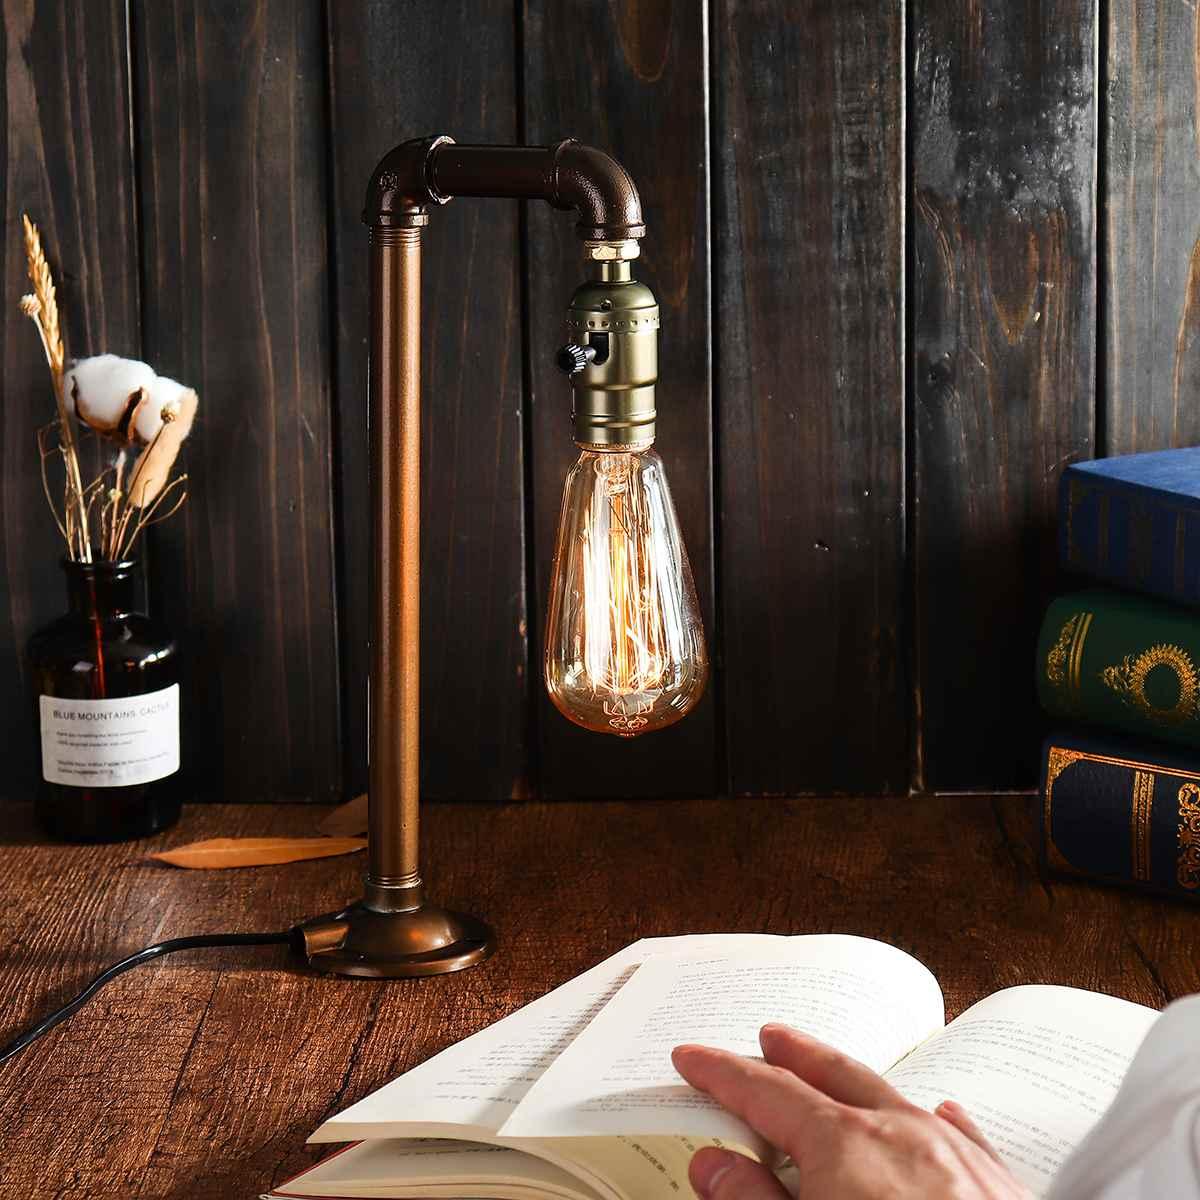 물 파이프 산업 테이블 램프 e27 전구 빛 빈티지 책상 테이블 랜턴 램프 정착물 실내 조명 홈 침실 장식